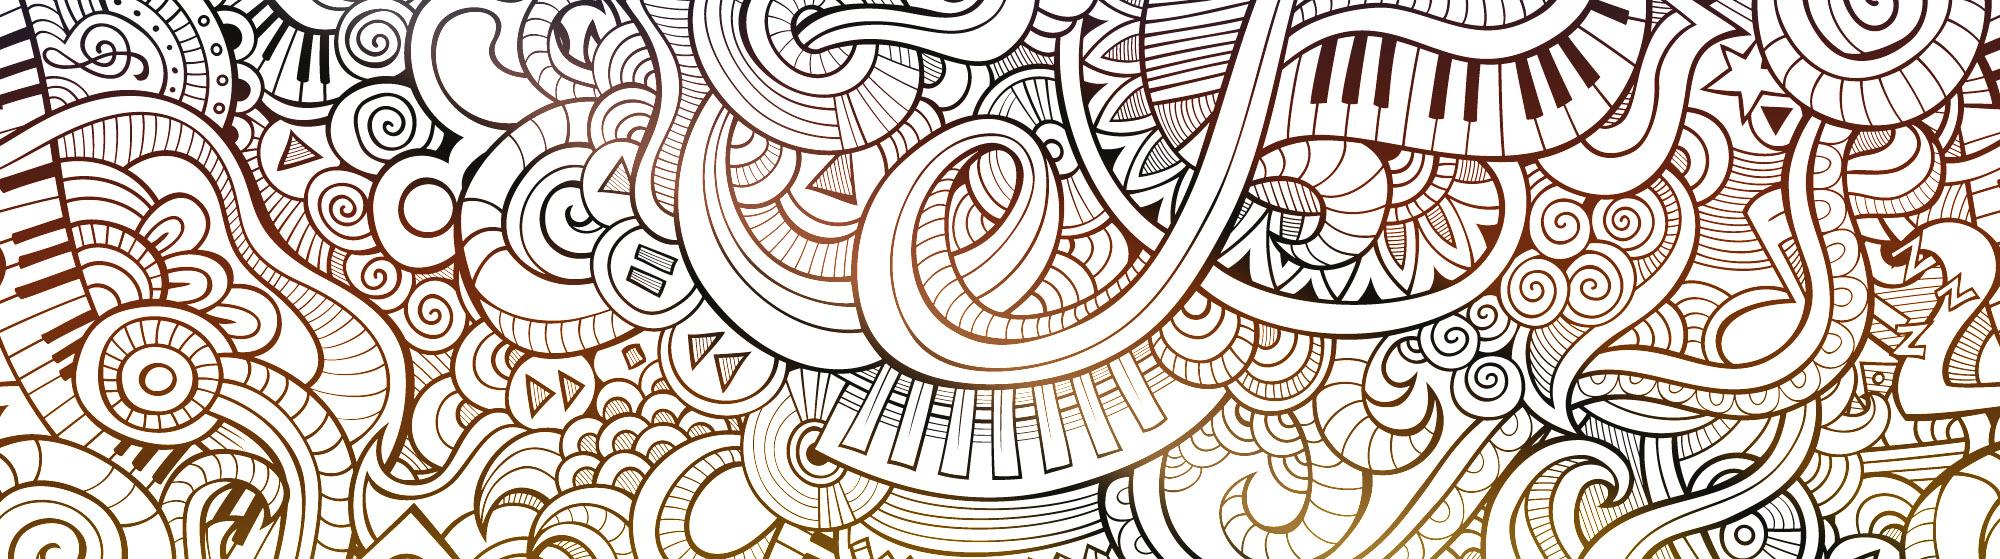 Tecknat Kollage Av Musikinstrument